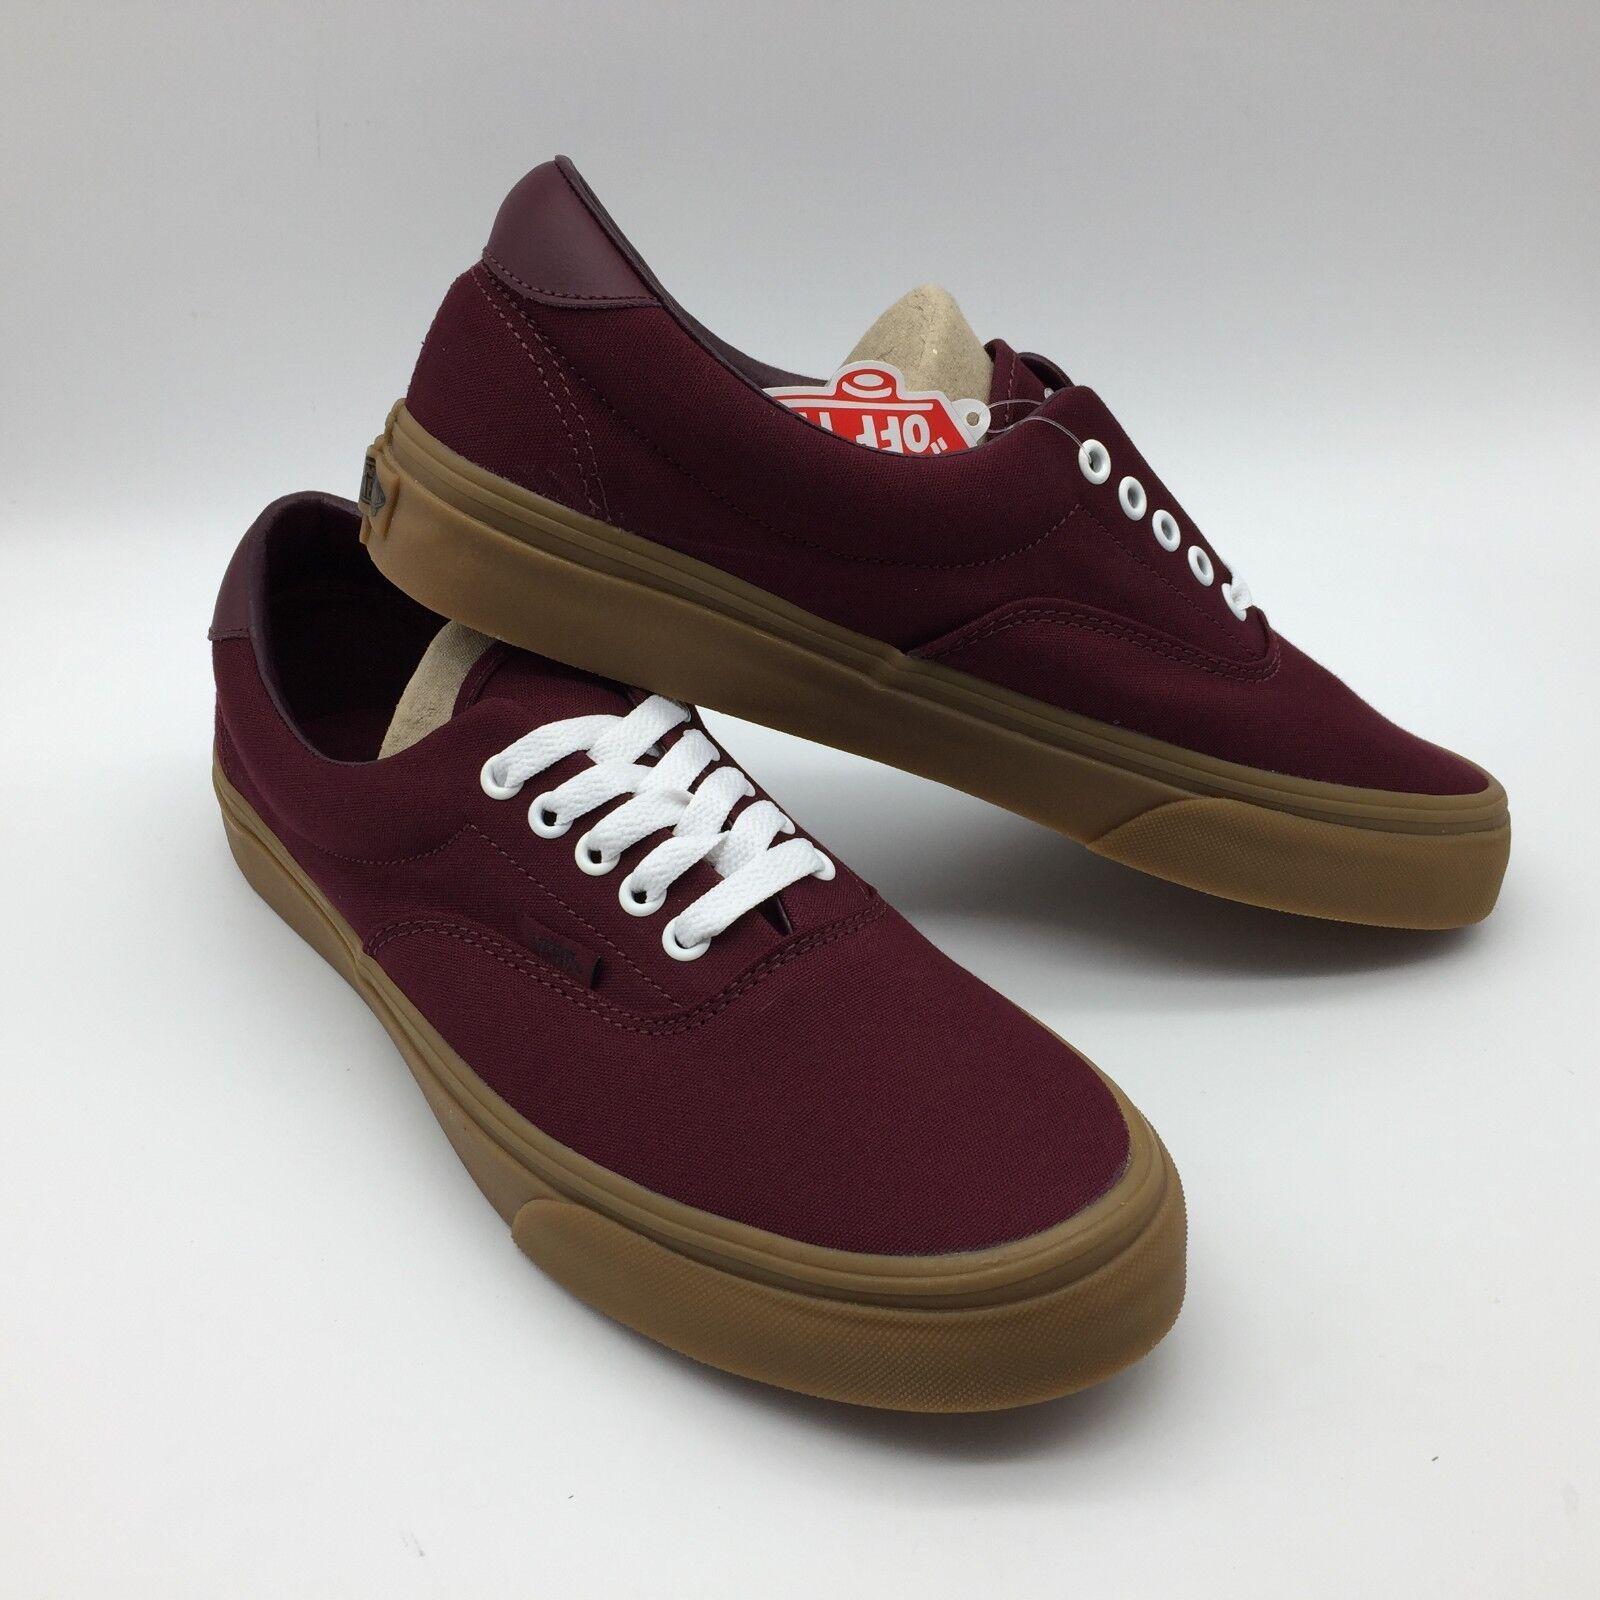 Vans Men's   Women's shoes Era 59 -- (CANVAS GUM) Prt Royale Light Gum